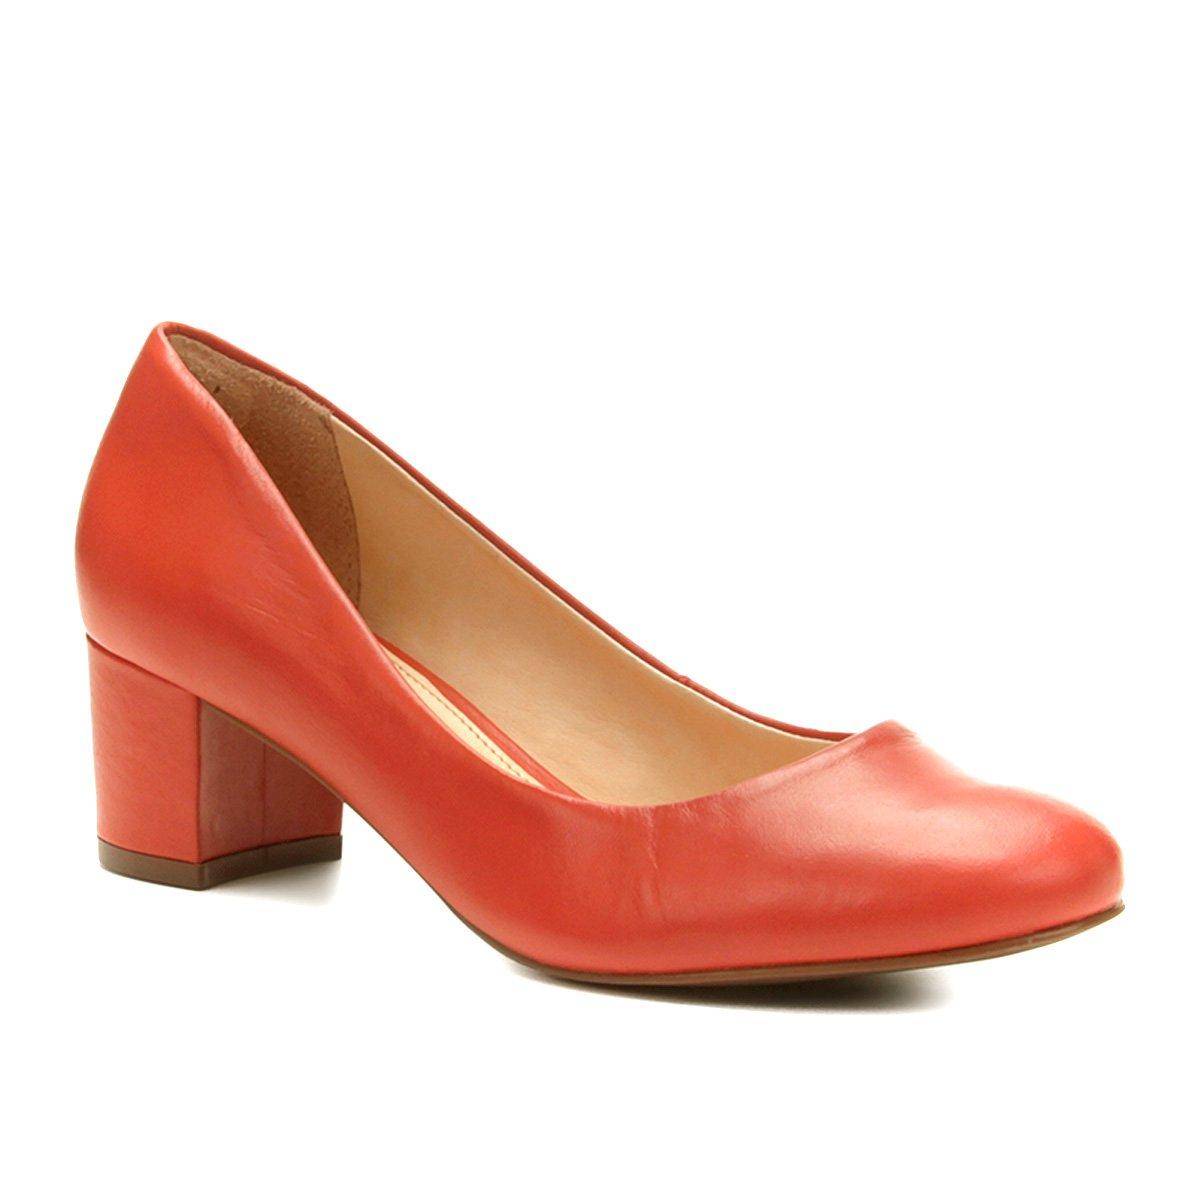 4f207f9a8c 0668e61c8 Scarpin Couro Shoestock Salto Baixo Bico Redondo - Compre Agora .